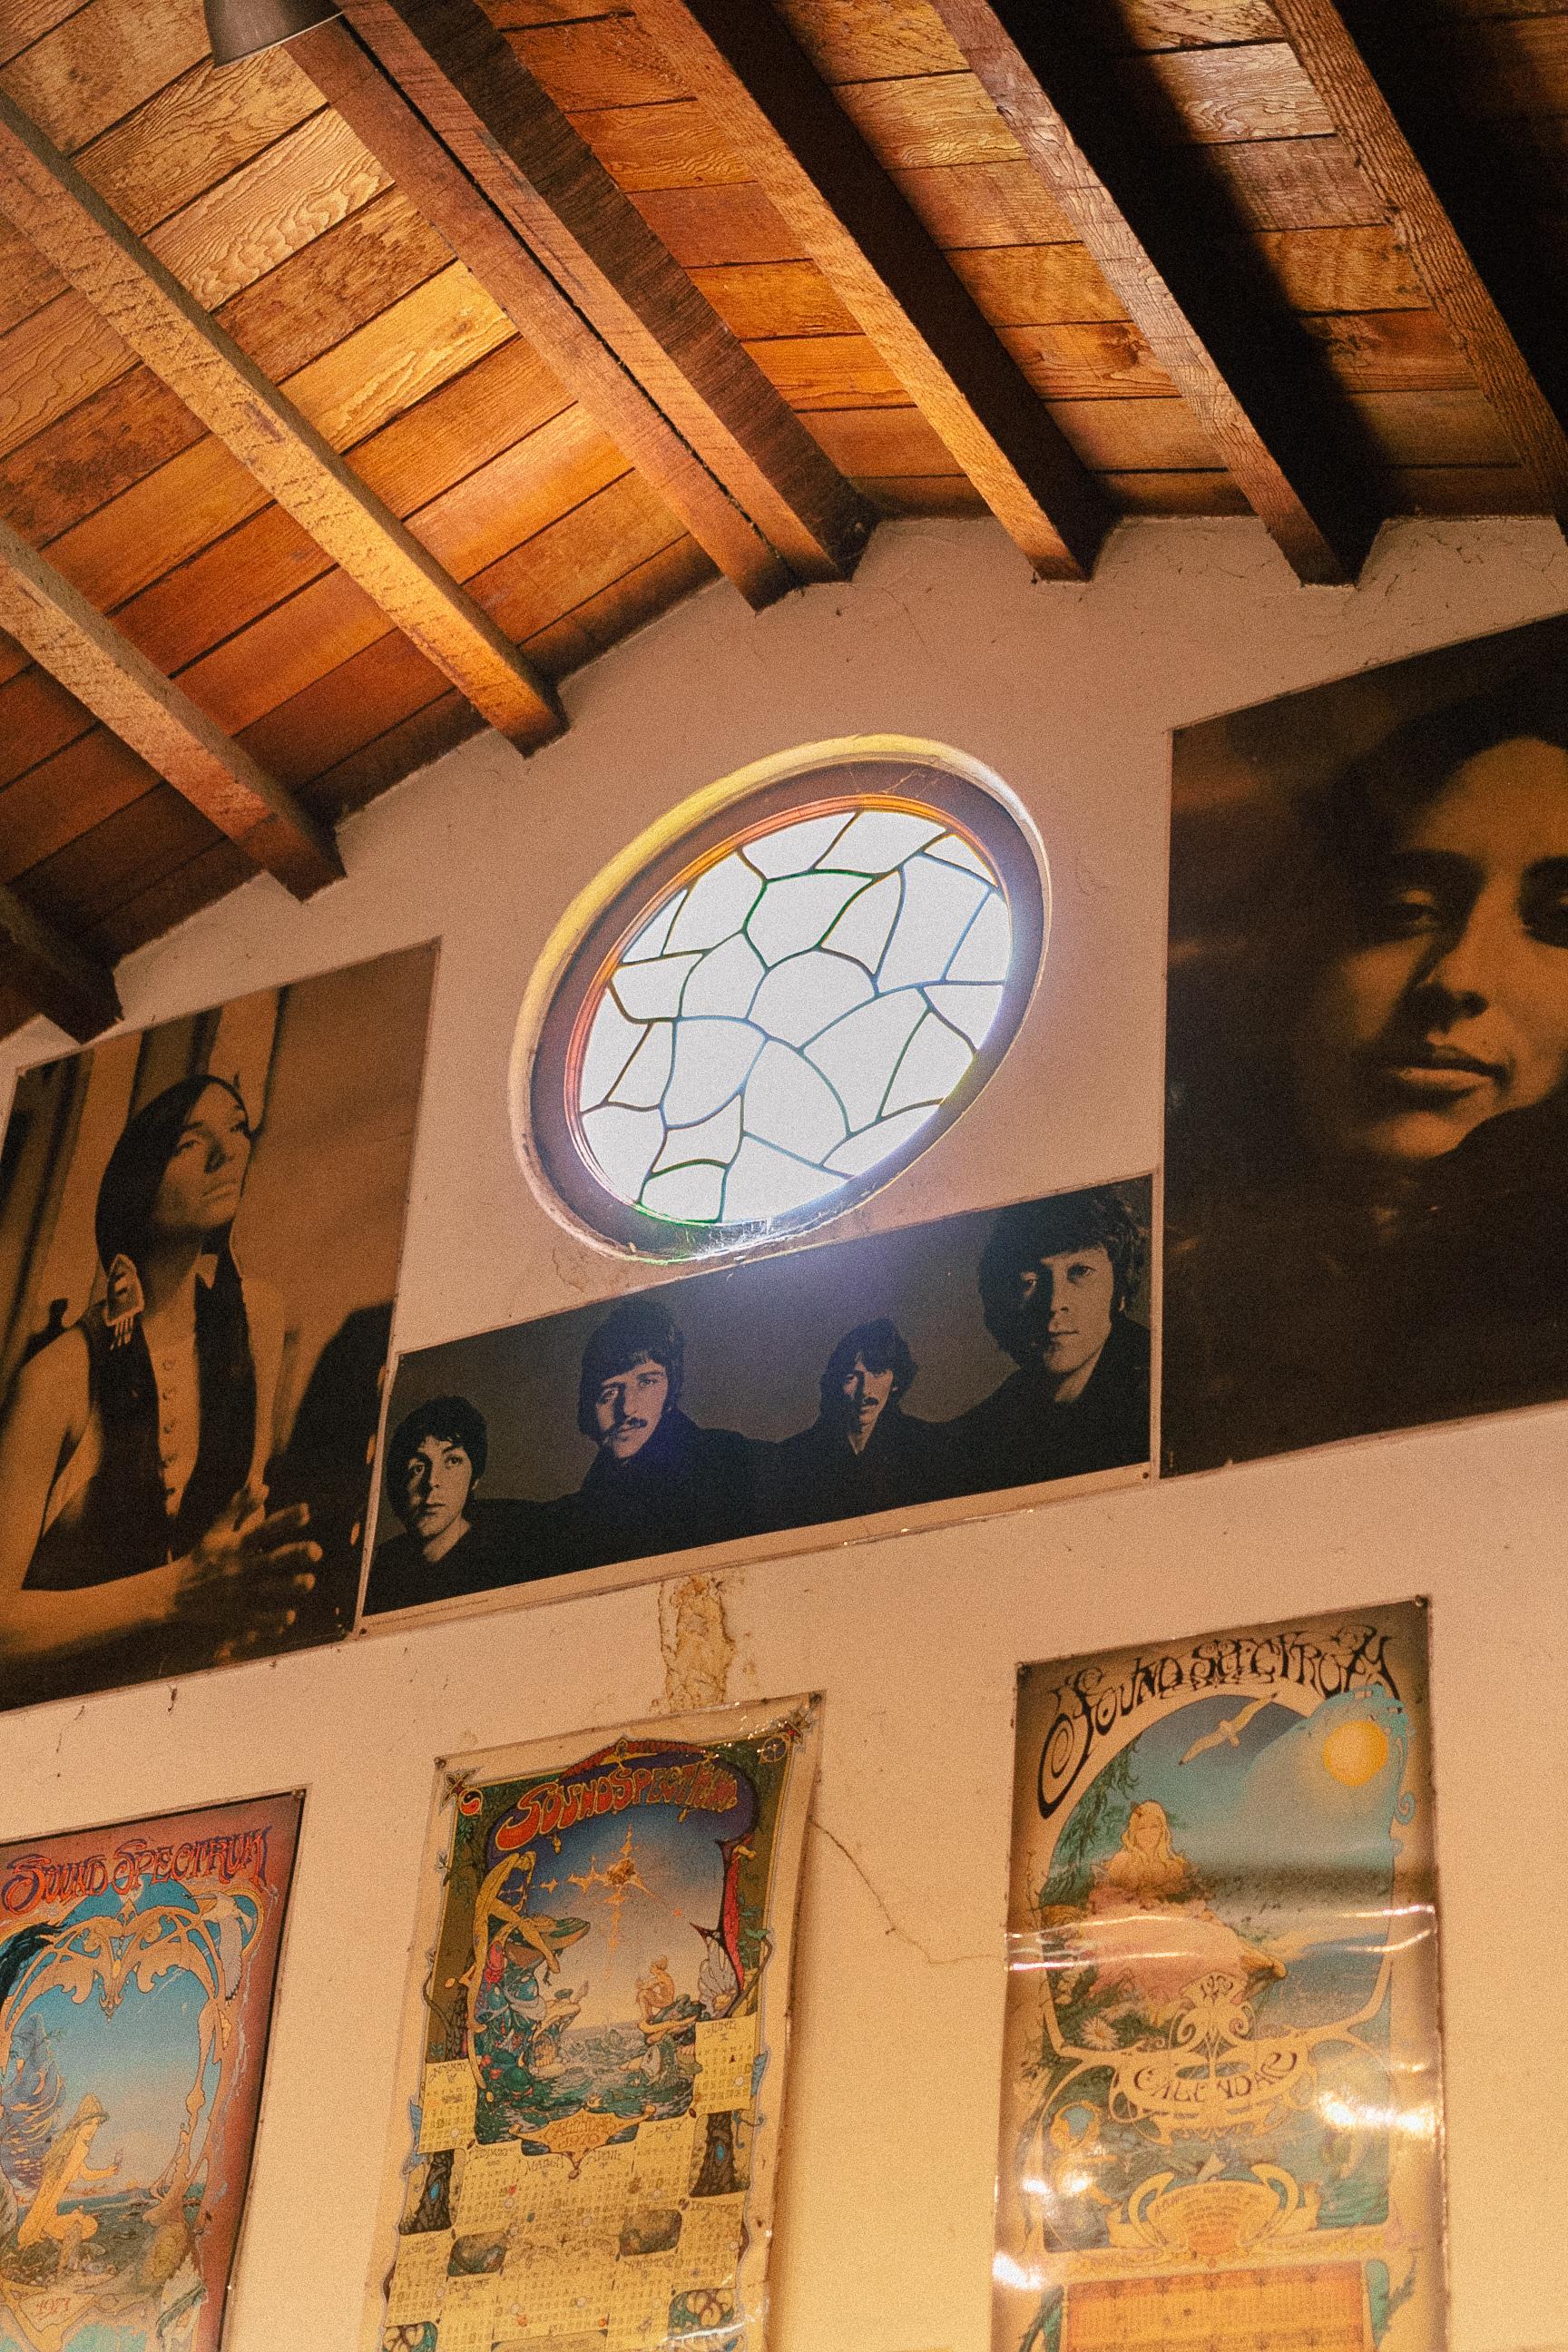 laguna beach record shop 2